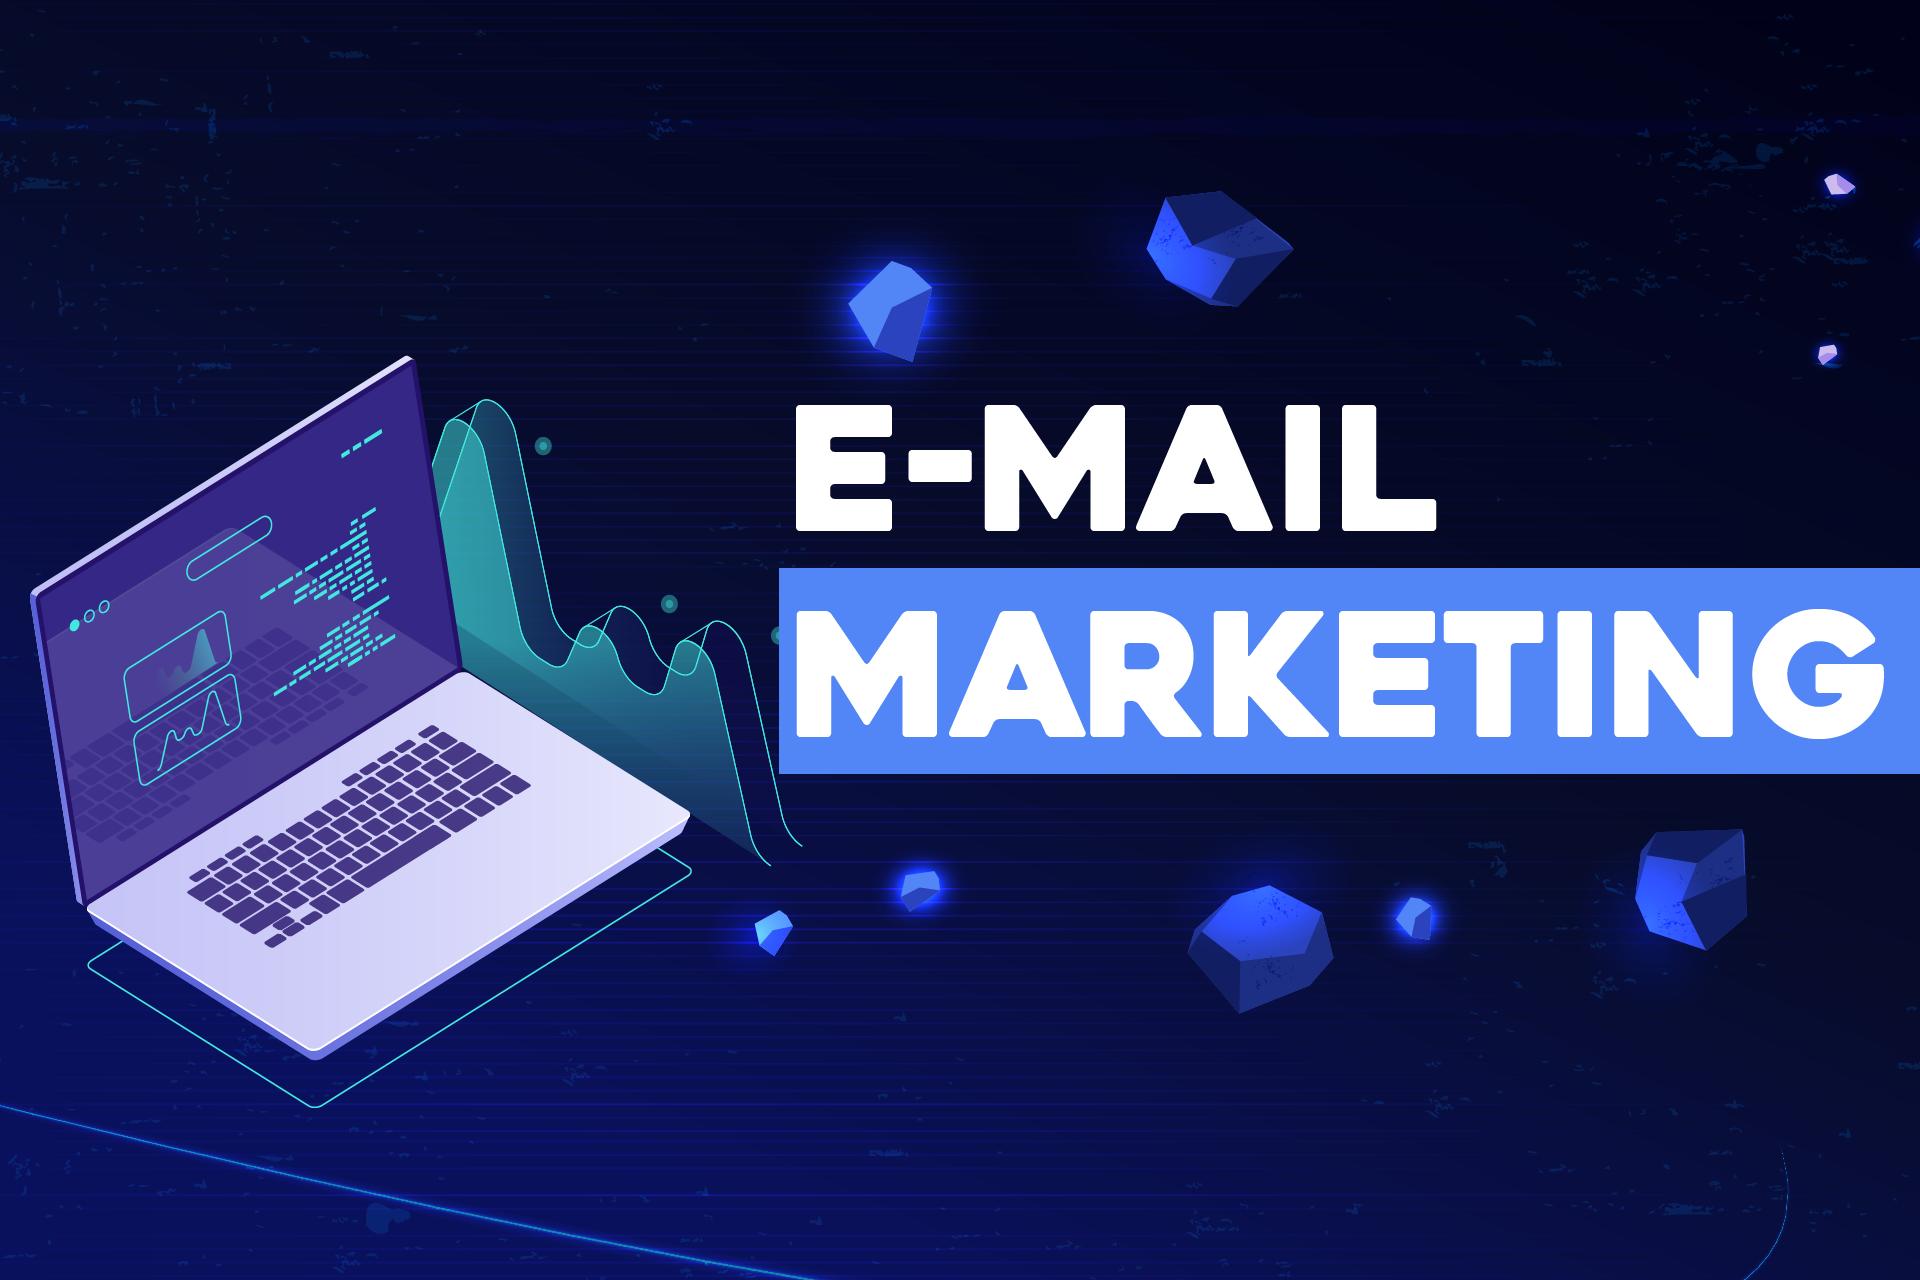 E-MAIL MARKETING, COMO UTILIZAR A FAVOR DO E-COMMERCE?